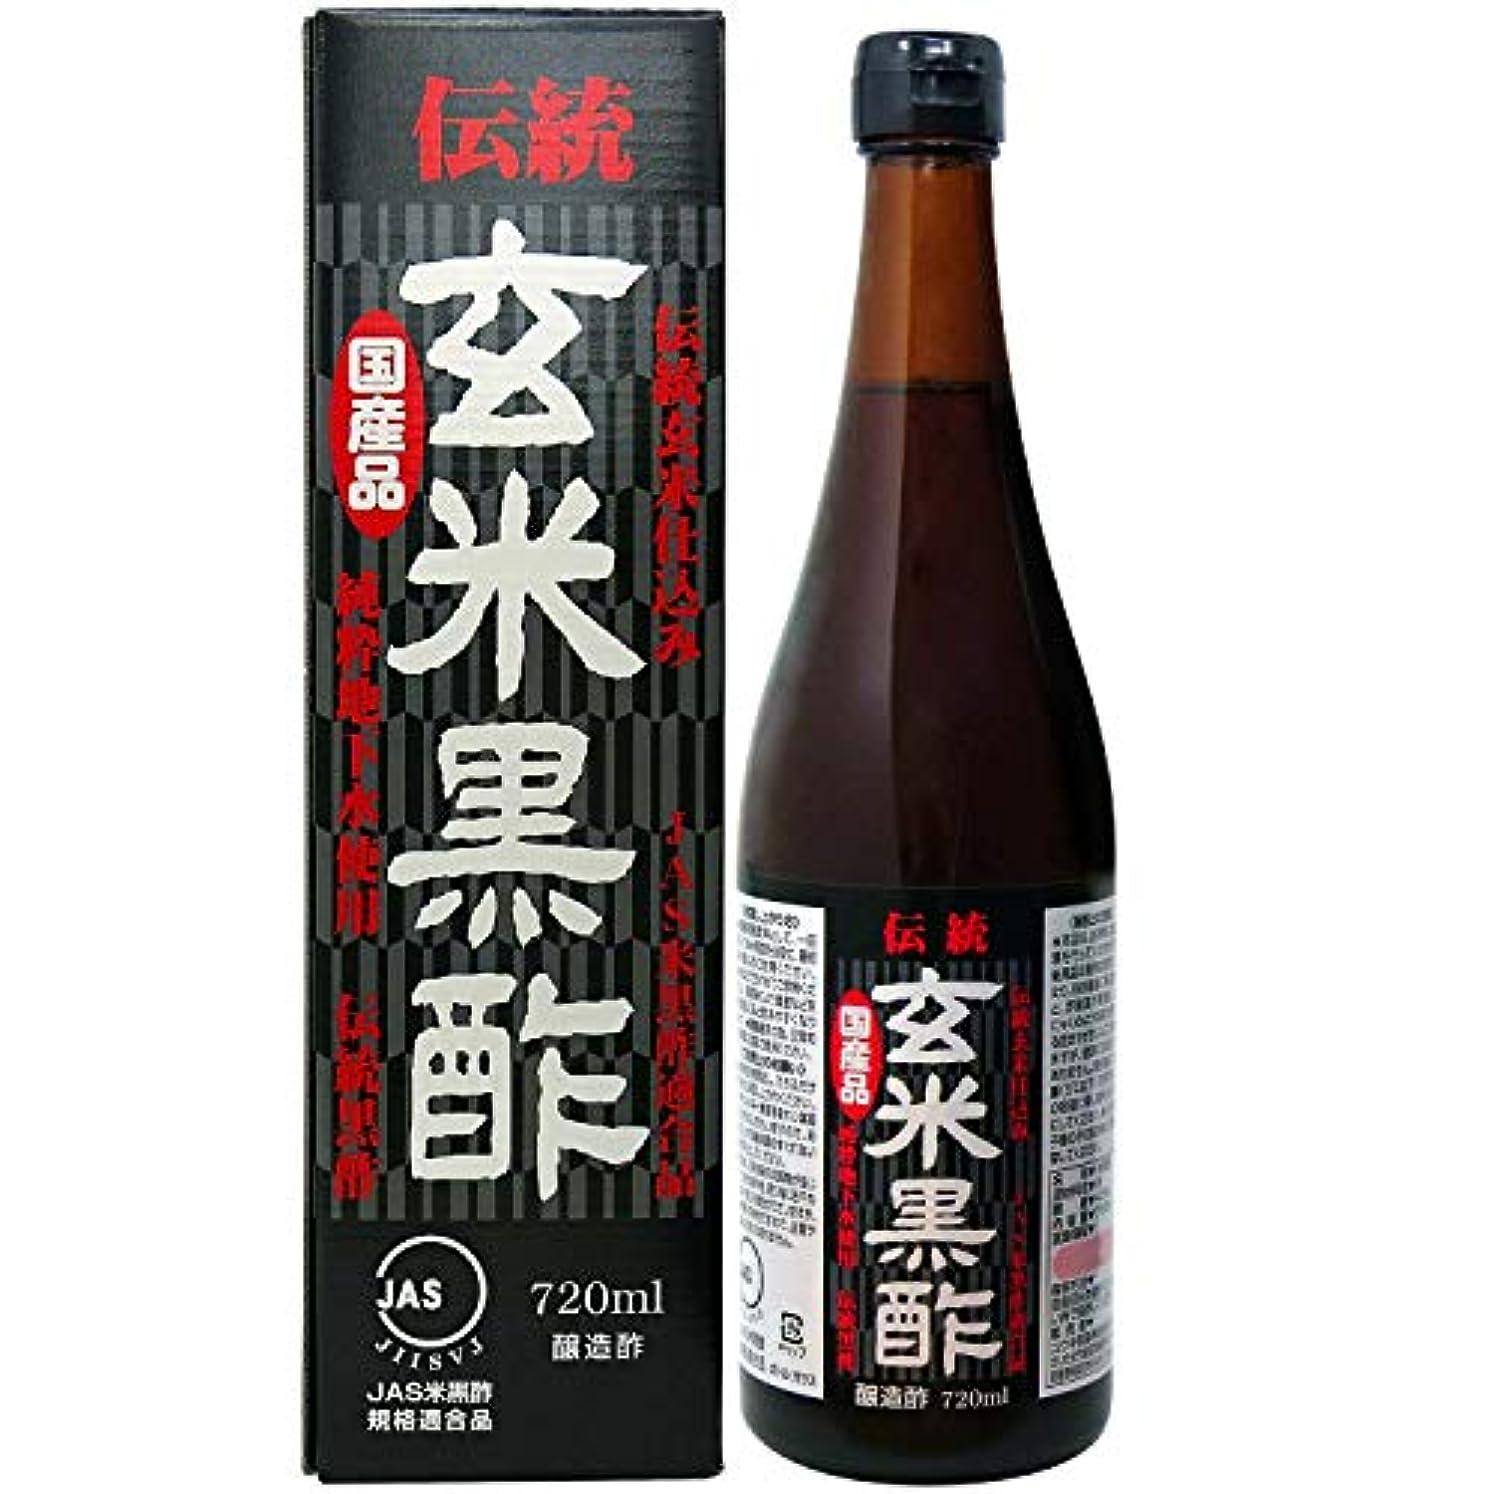 メンダシティトランペット誤解を招くユウキ製薬 新伝統玄米黒酢 24-36日分 720ml